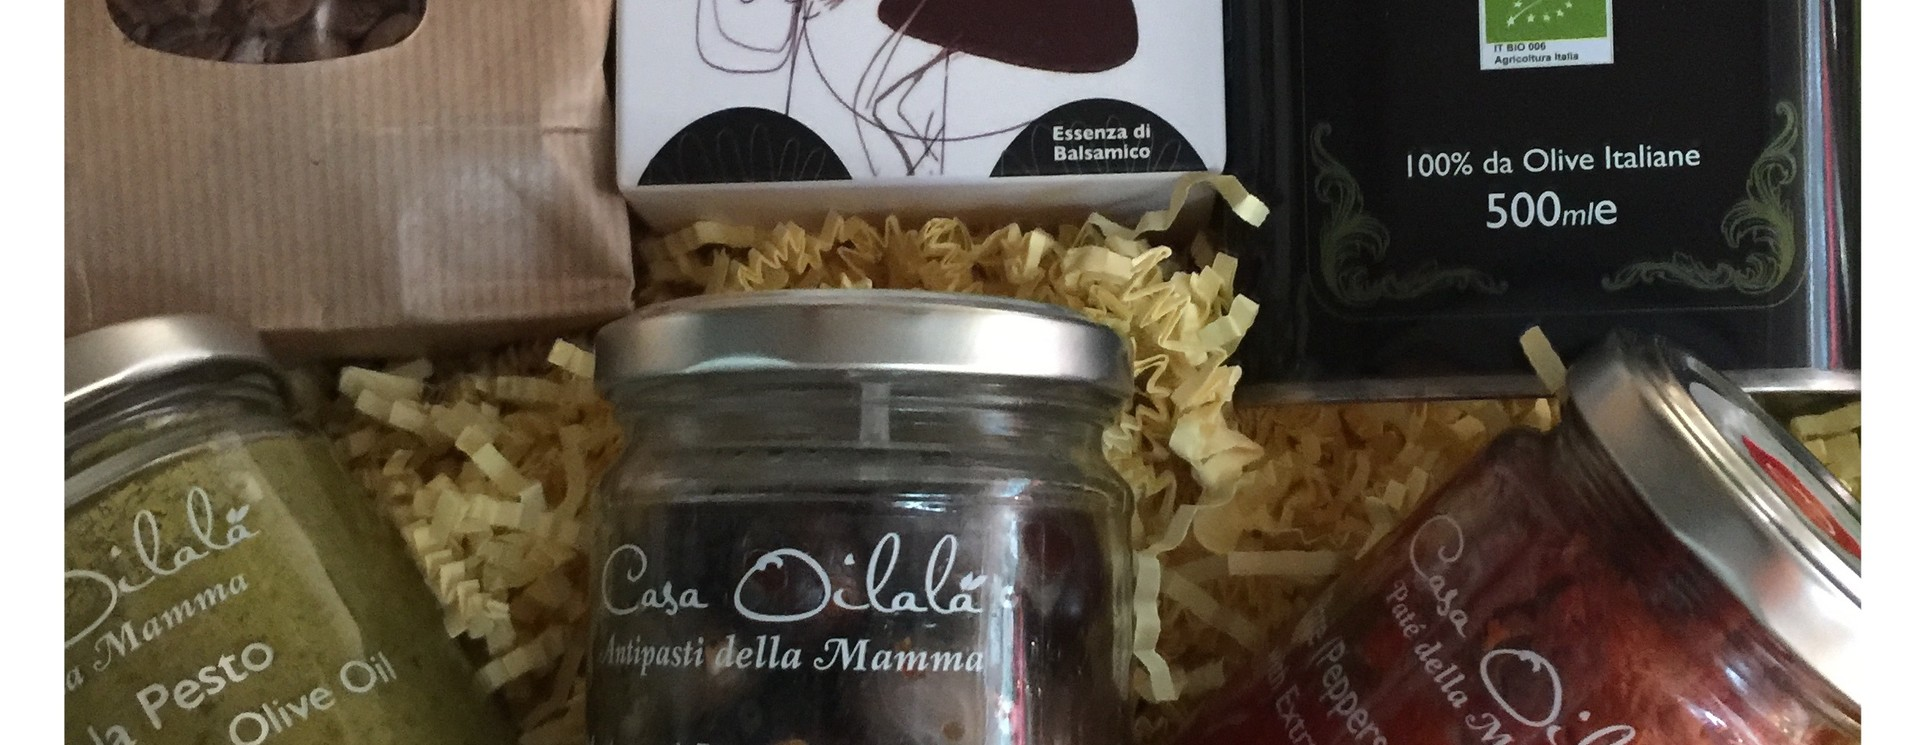 Hoogwaardige olijfoliën en gourmet producten.